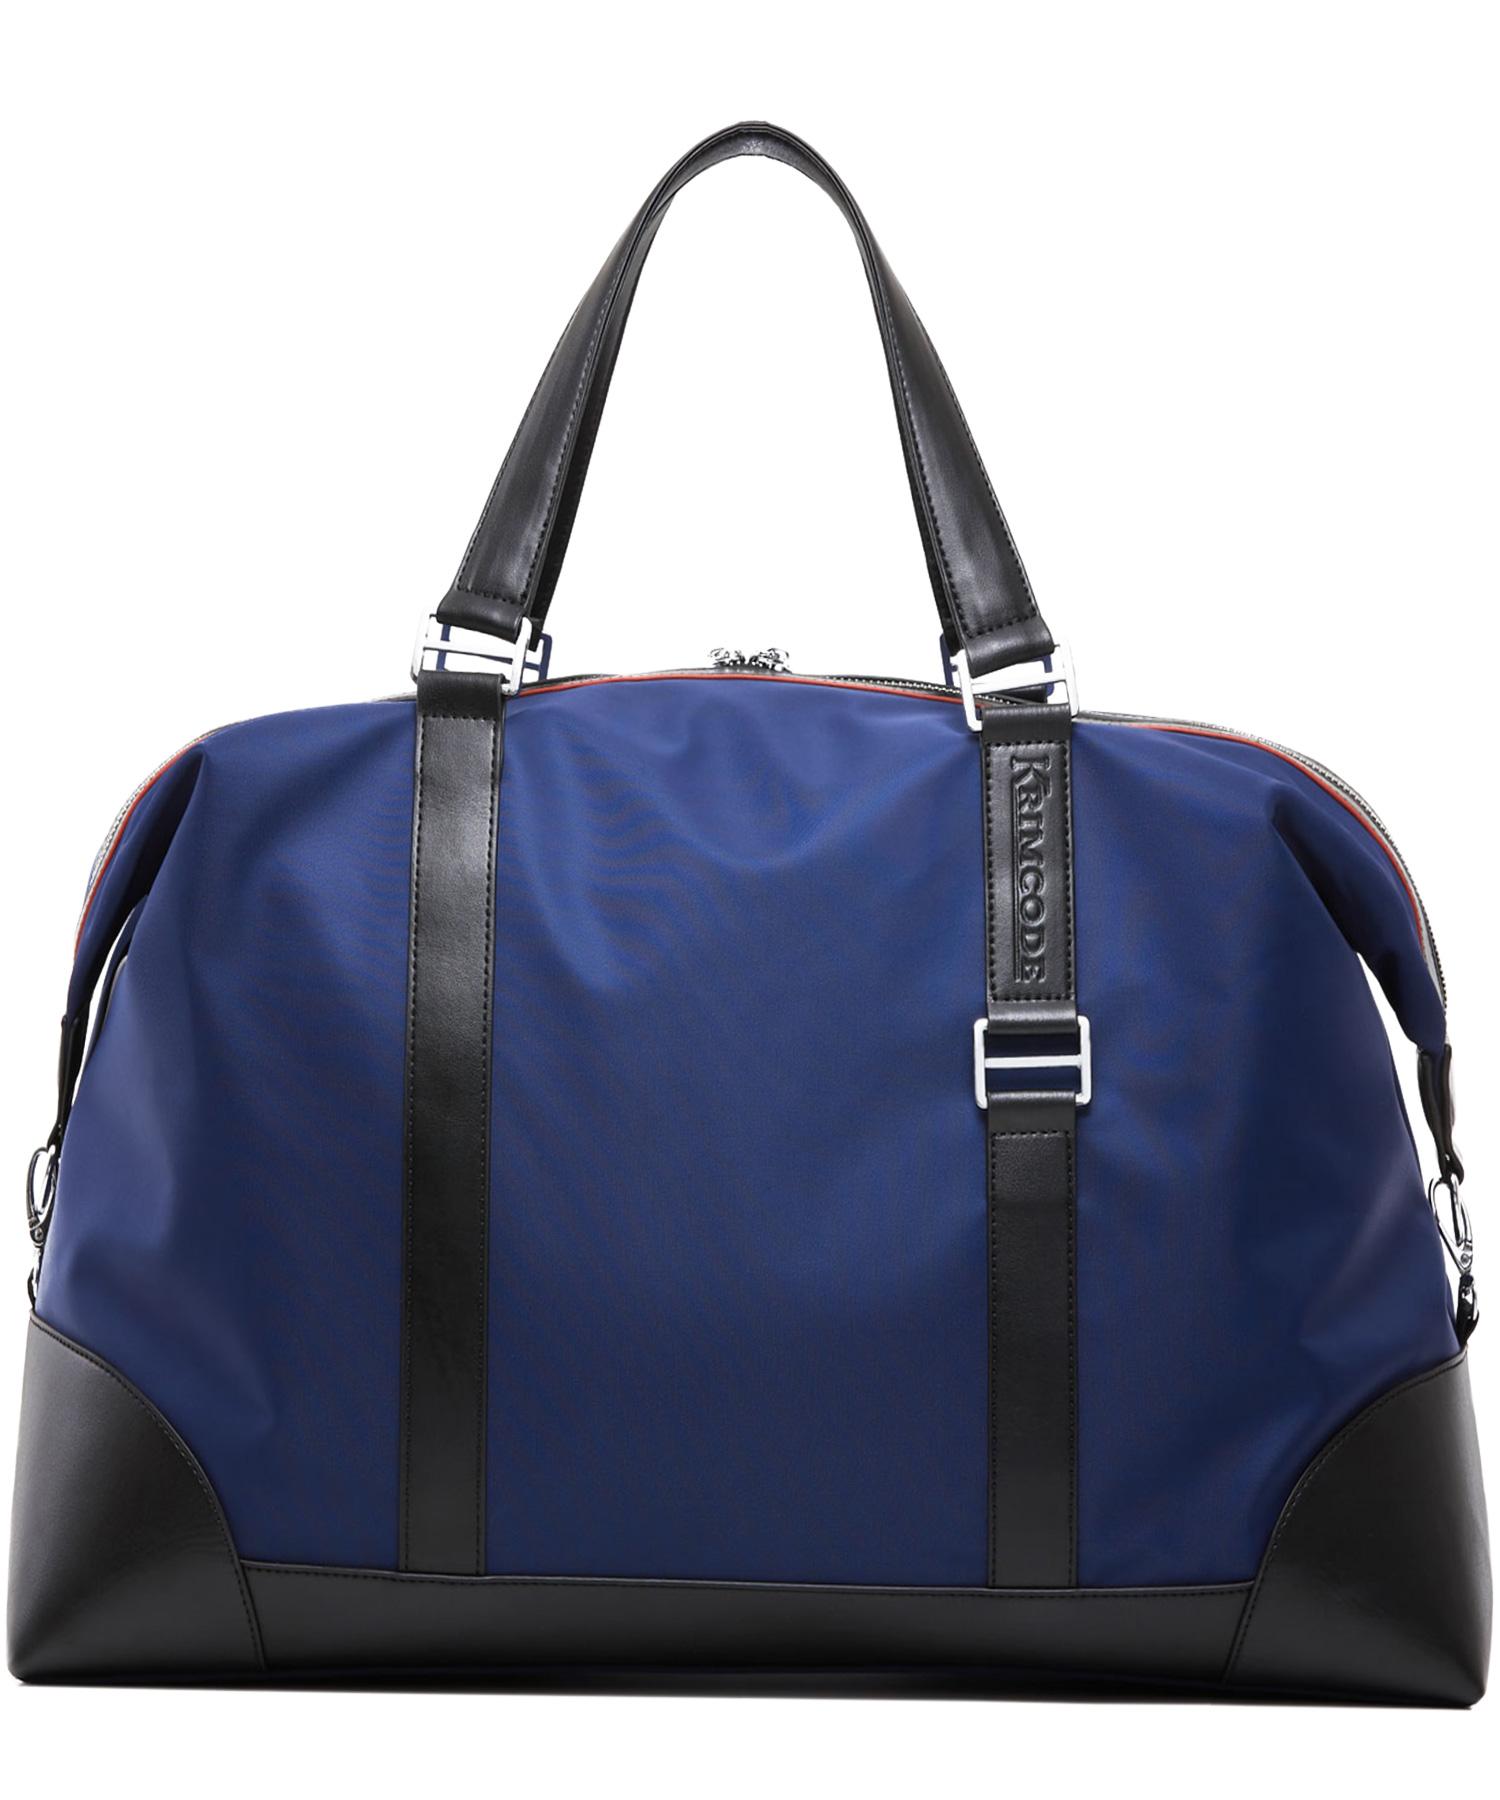 krimcode business duffel bag blue back